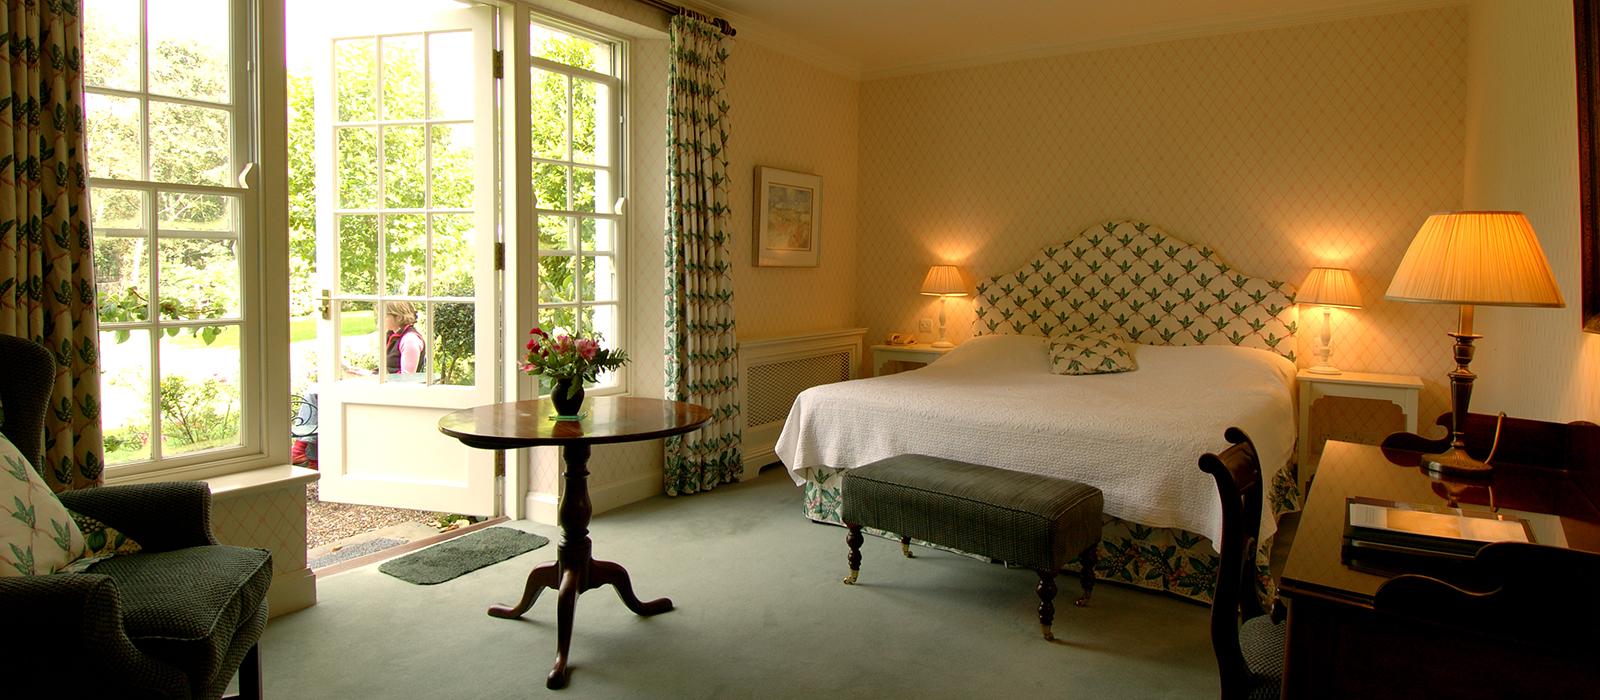 Ballymaloe House Shangarry Midleton Co CorkA Country House Hotel - Country house hotel interiors